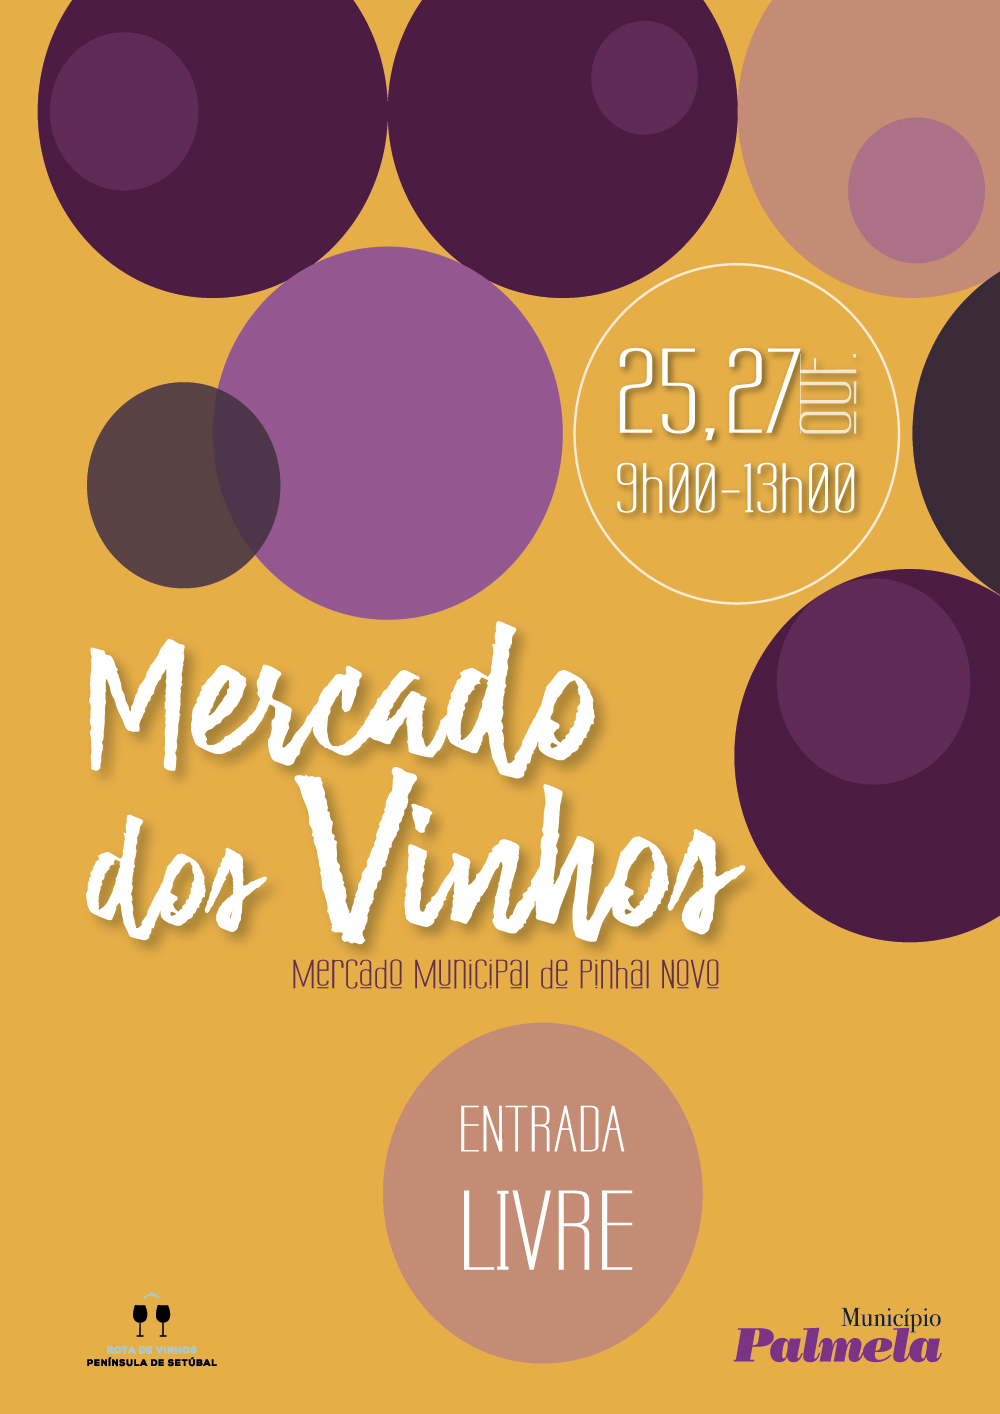 Mercado dos Vinhos no Pinhal Novo